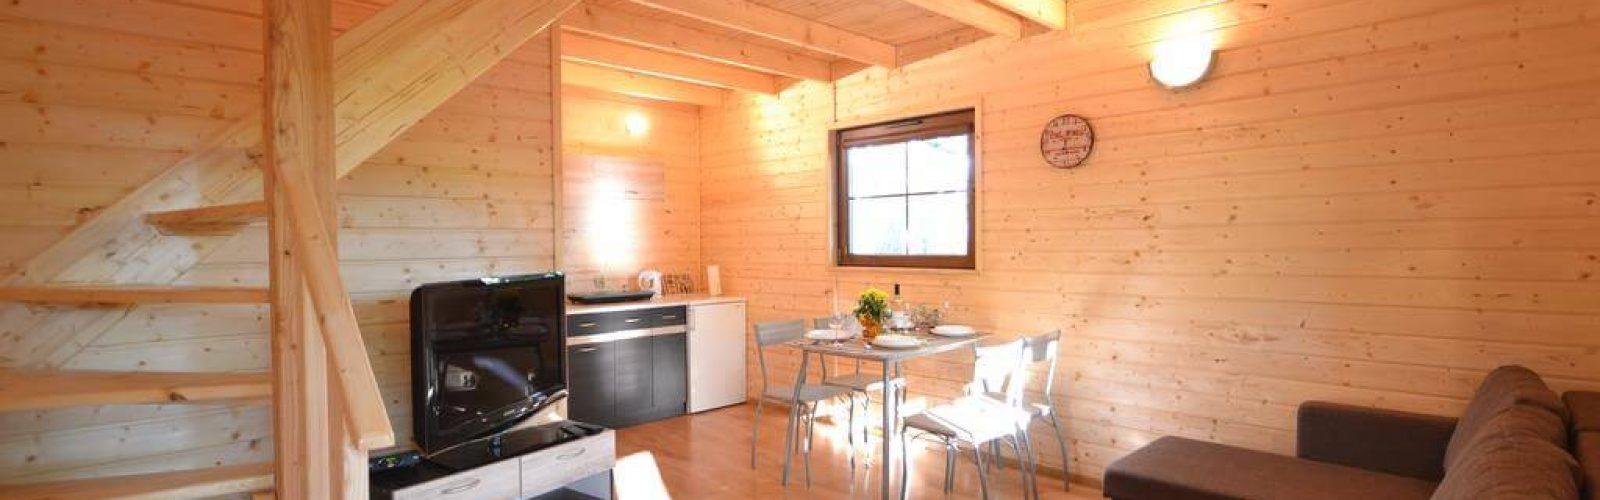 domki drewniane pustkowo od dzisiaj mała frajda